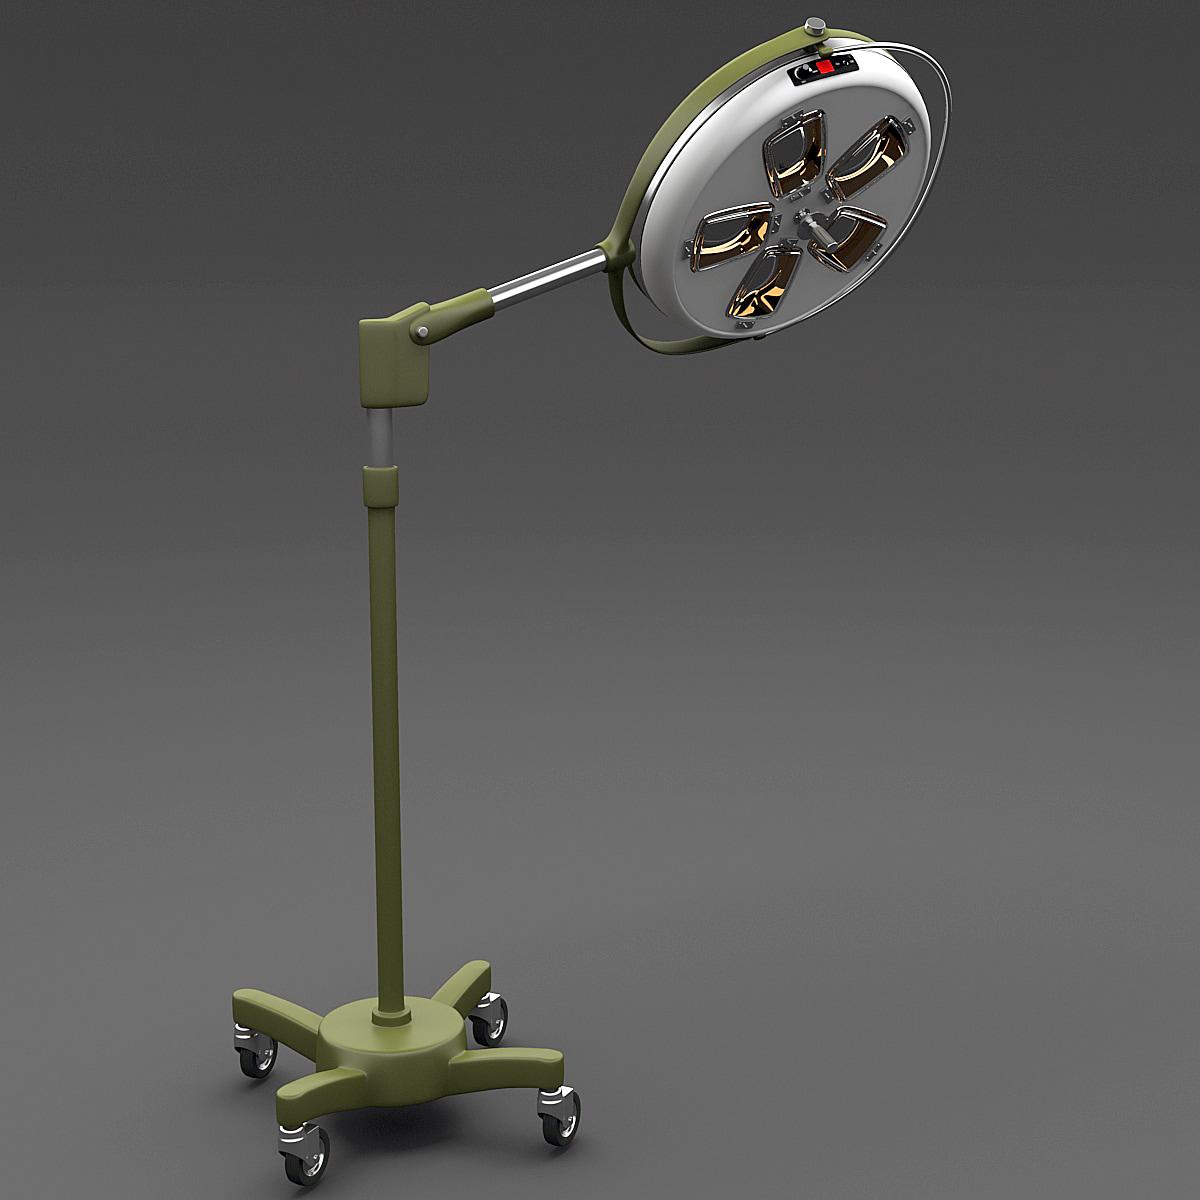 Mobile_Medical_Lamp_OLH51_Vray_1.jpg